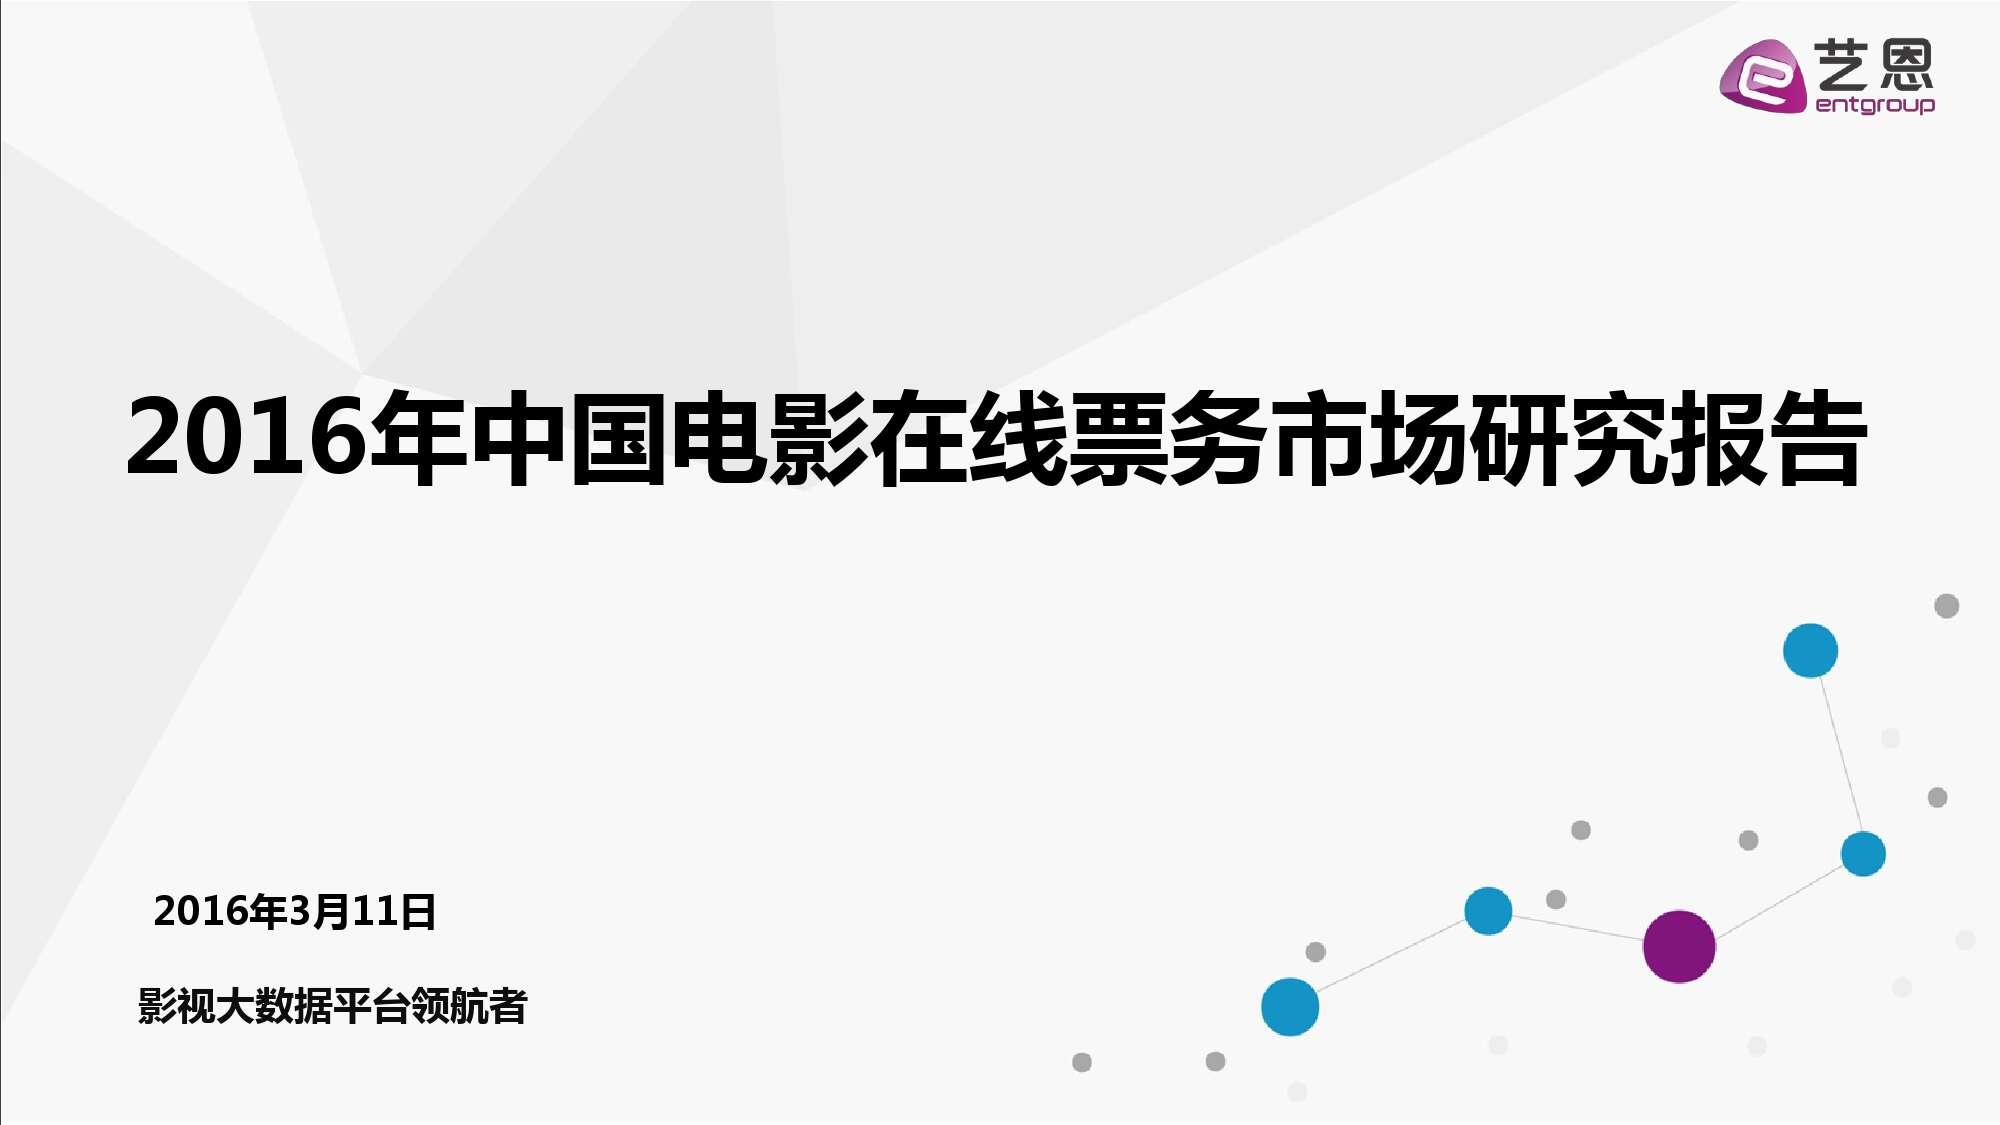 2016年中国电影在线票务市场研究报告_000001